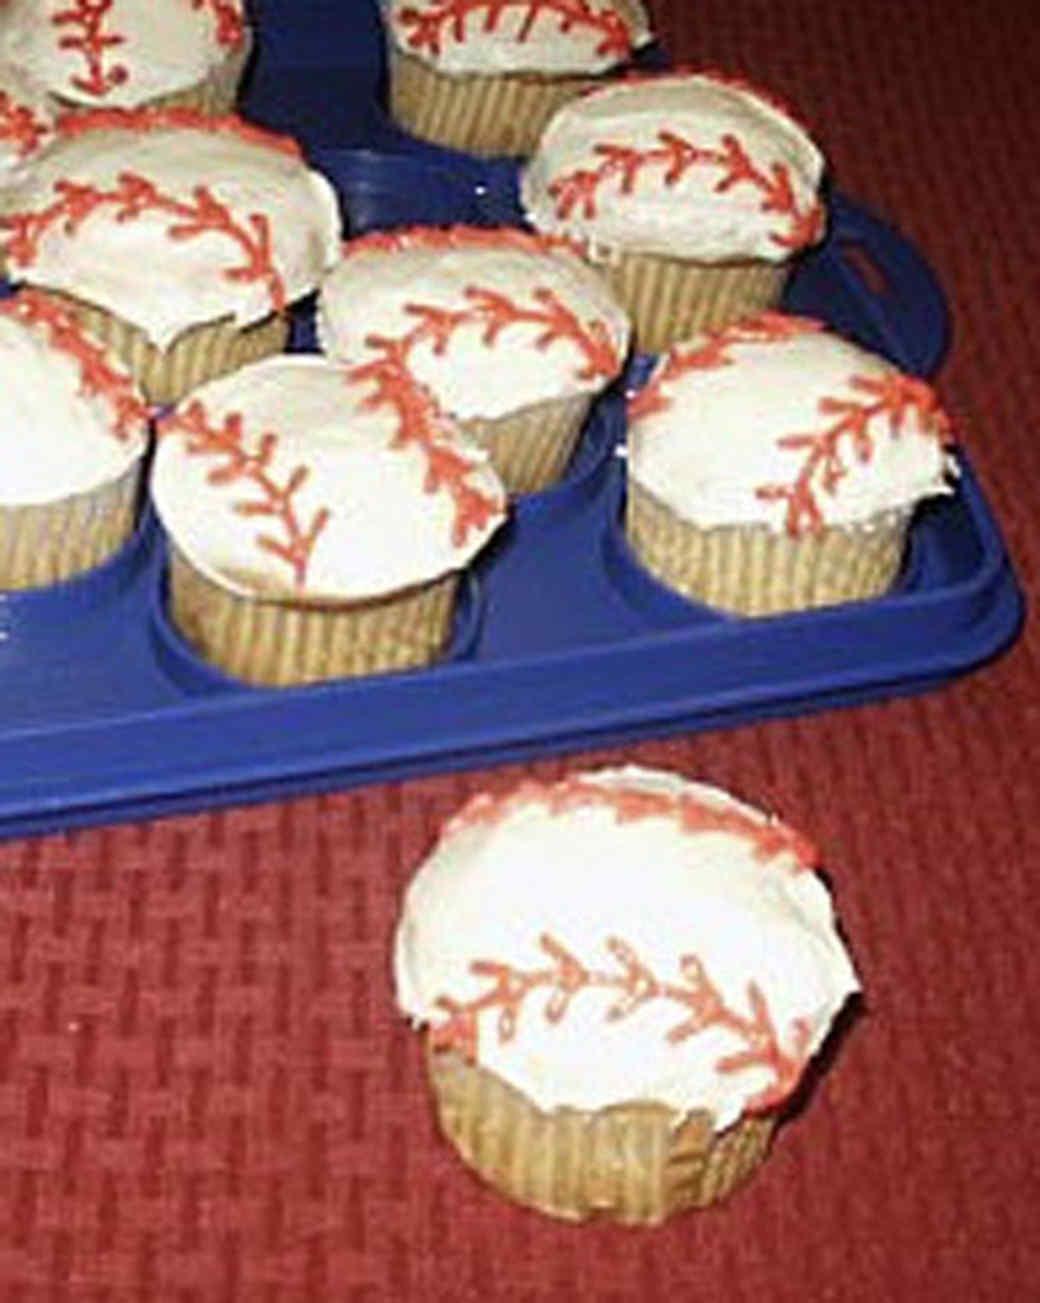 ori00020793_cupcakes.jpg